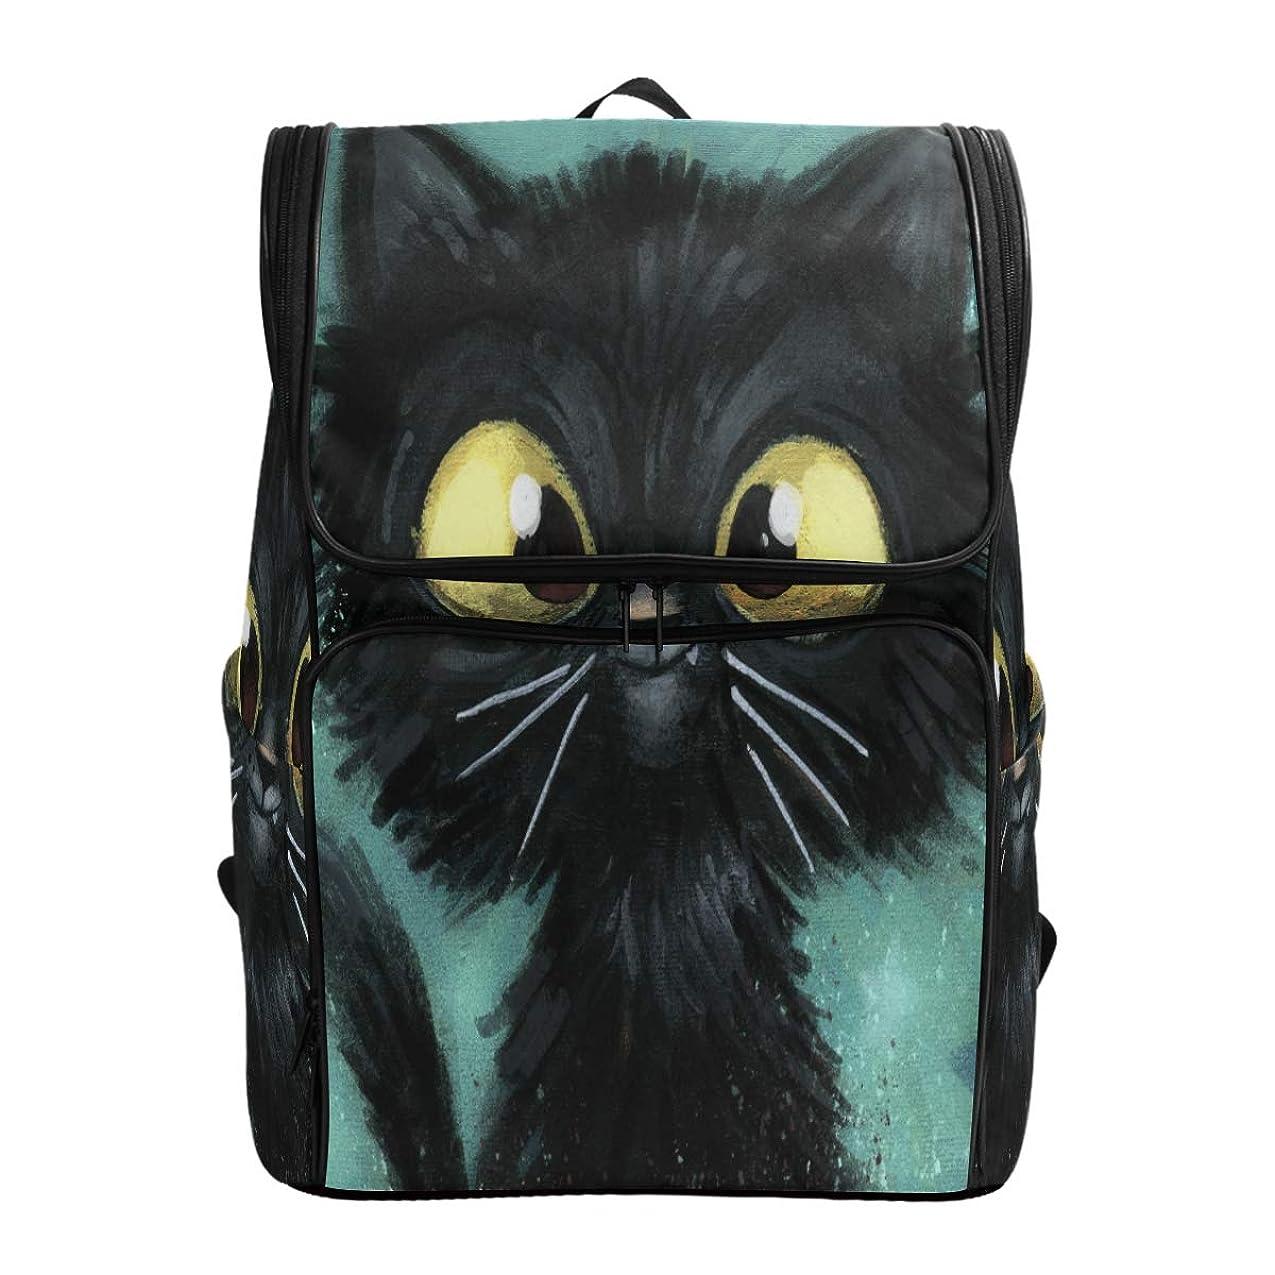 彼自身フェザークリームリュックレディース メンズ 黒 面白い ネコ 猫 猫柄 通勤 outdoor 軽量?大容量?防水加工 修学旅行 登山 ビジネス 薄型リュック pc リュック カジュアル 男女兼用